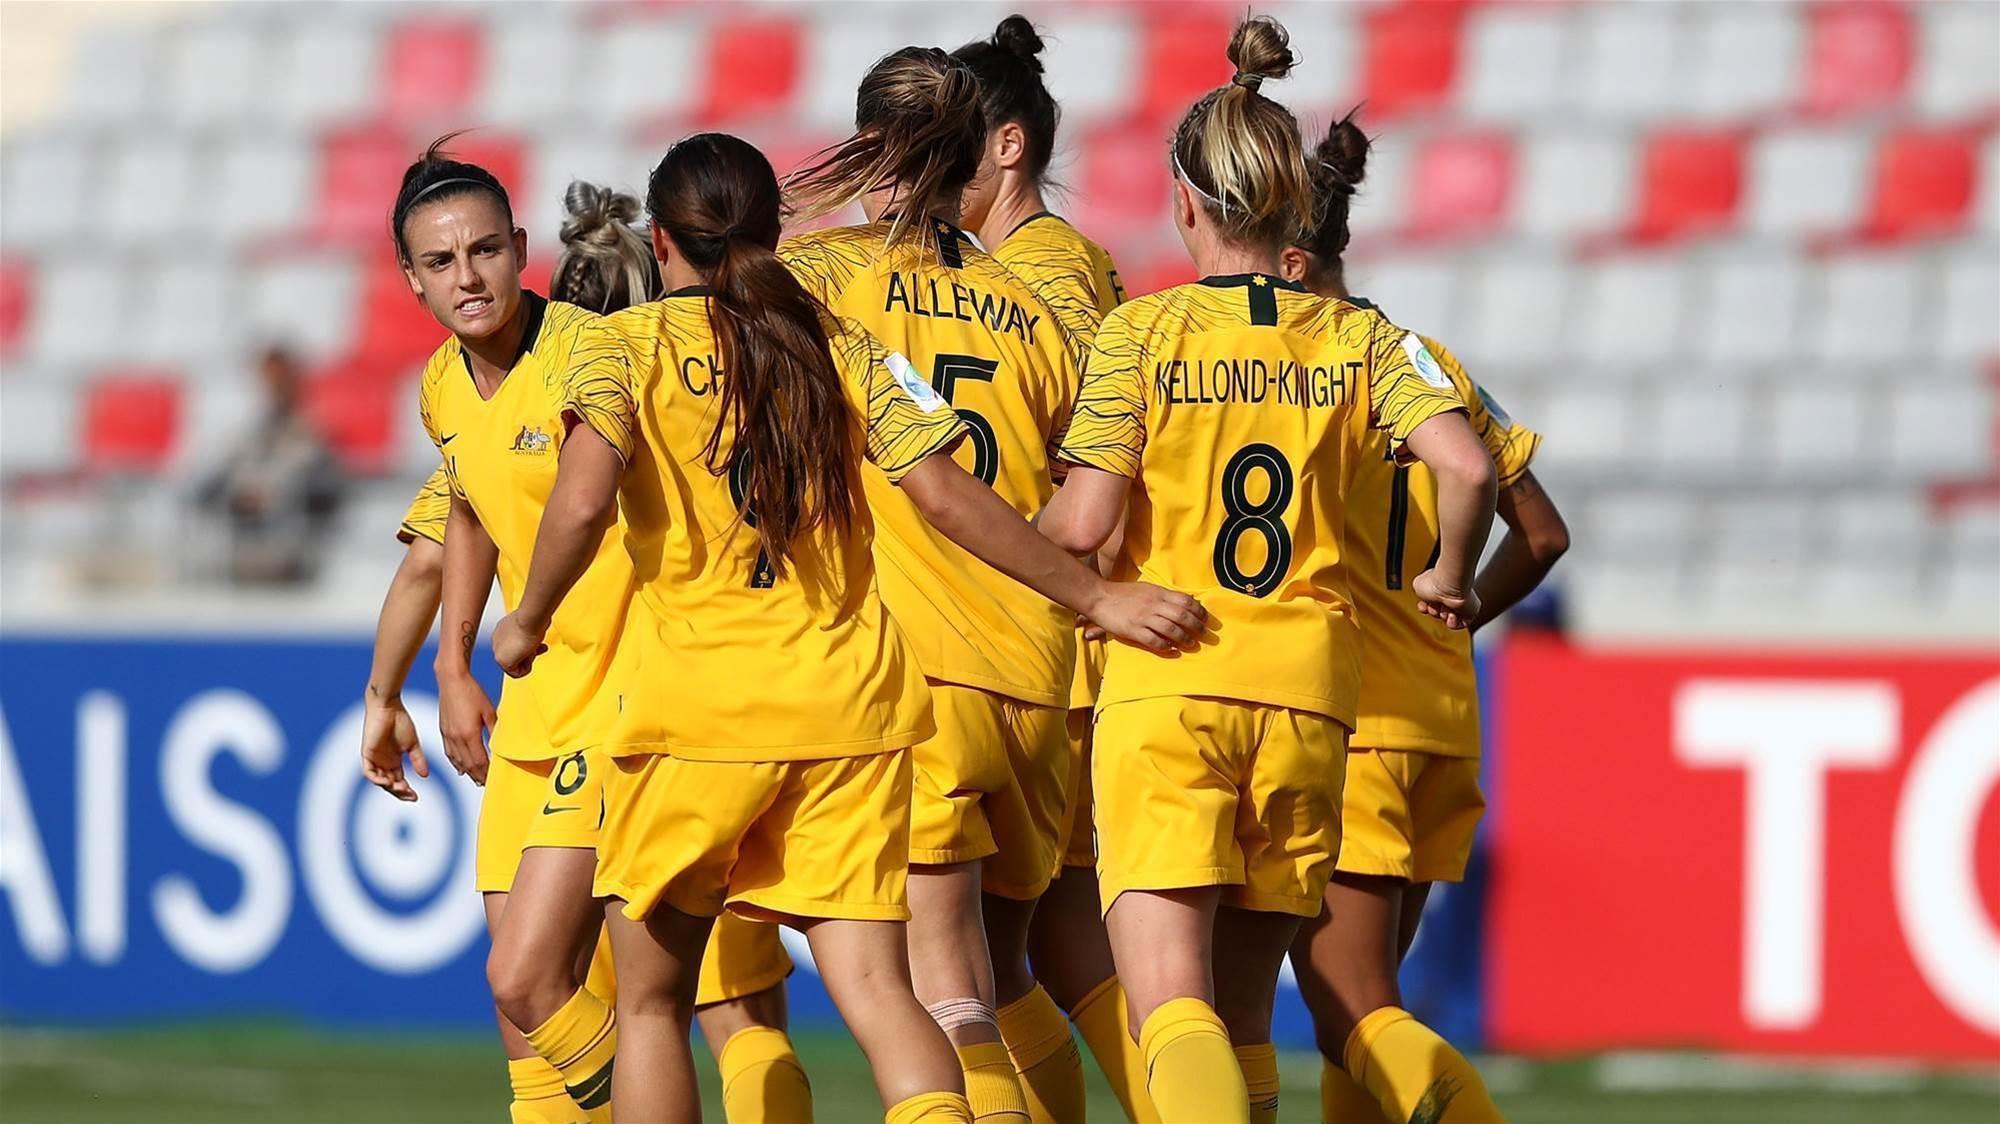 Matildas through to final in dramatic fashion